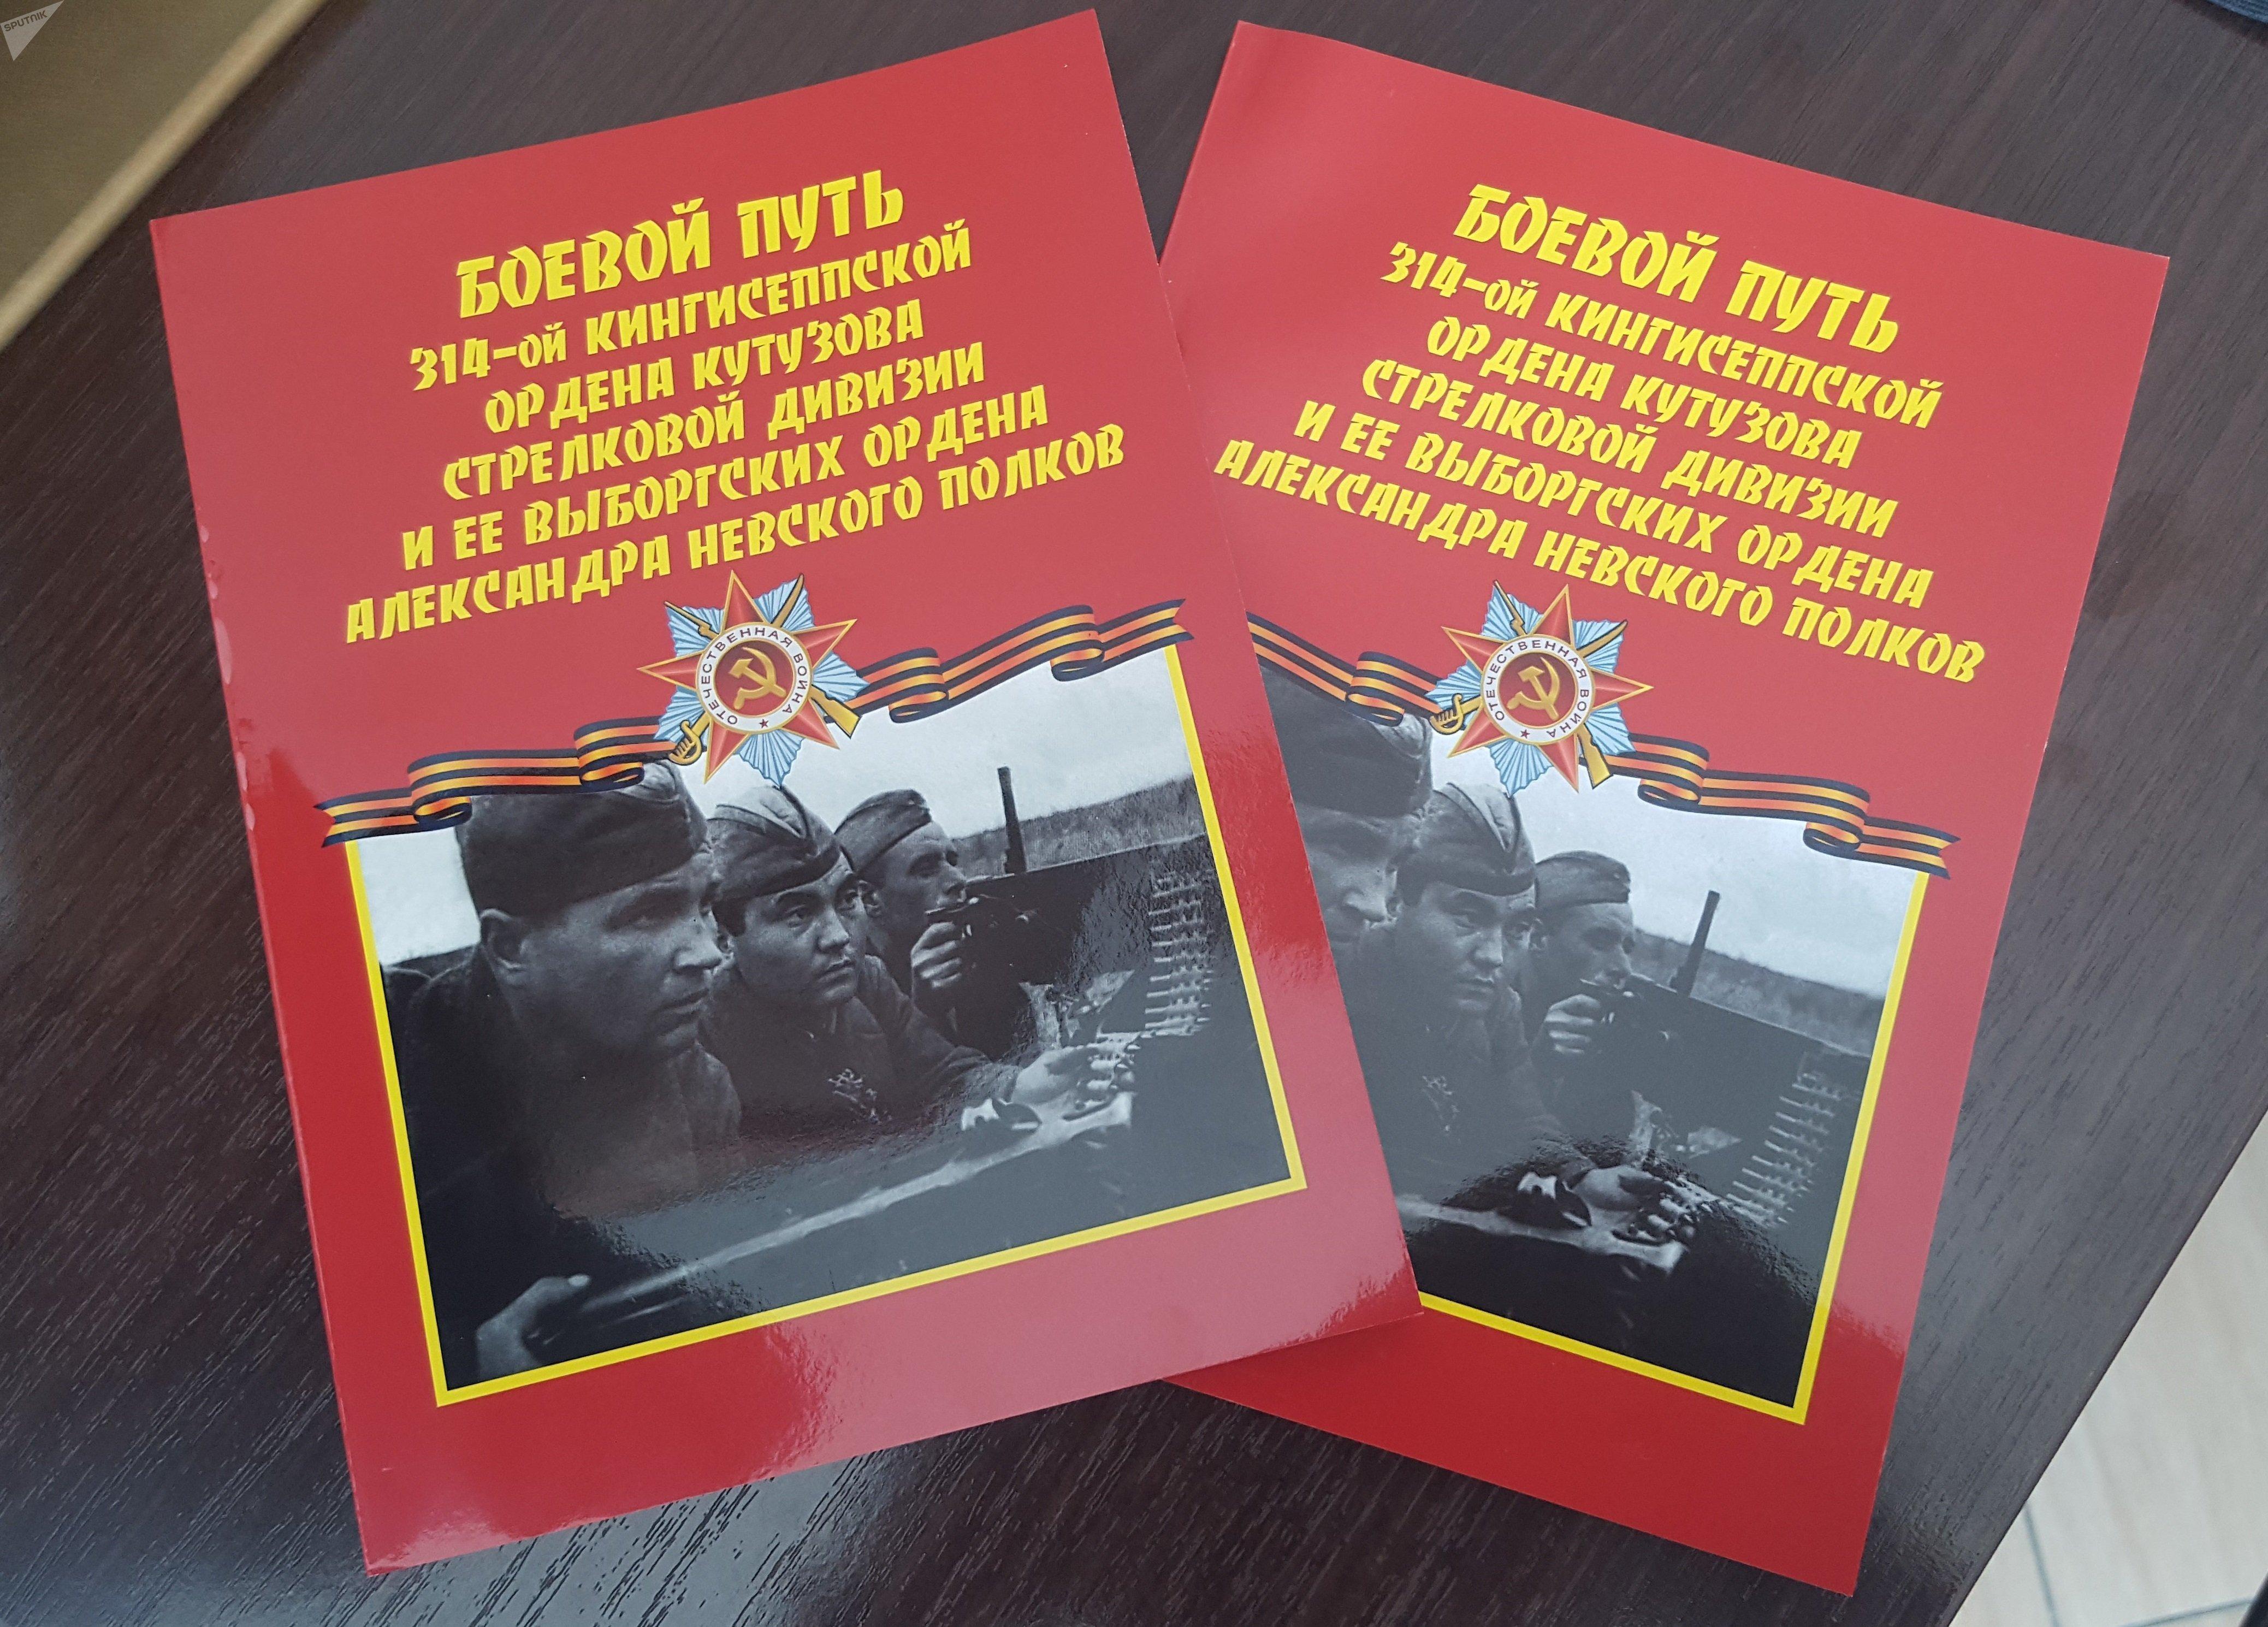 Книга, посвященная боевому пути 314-й стрелковой дивизии, сформированной в Северном Казахстане